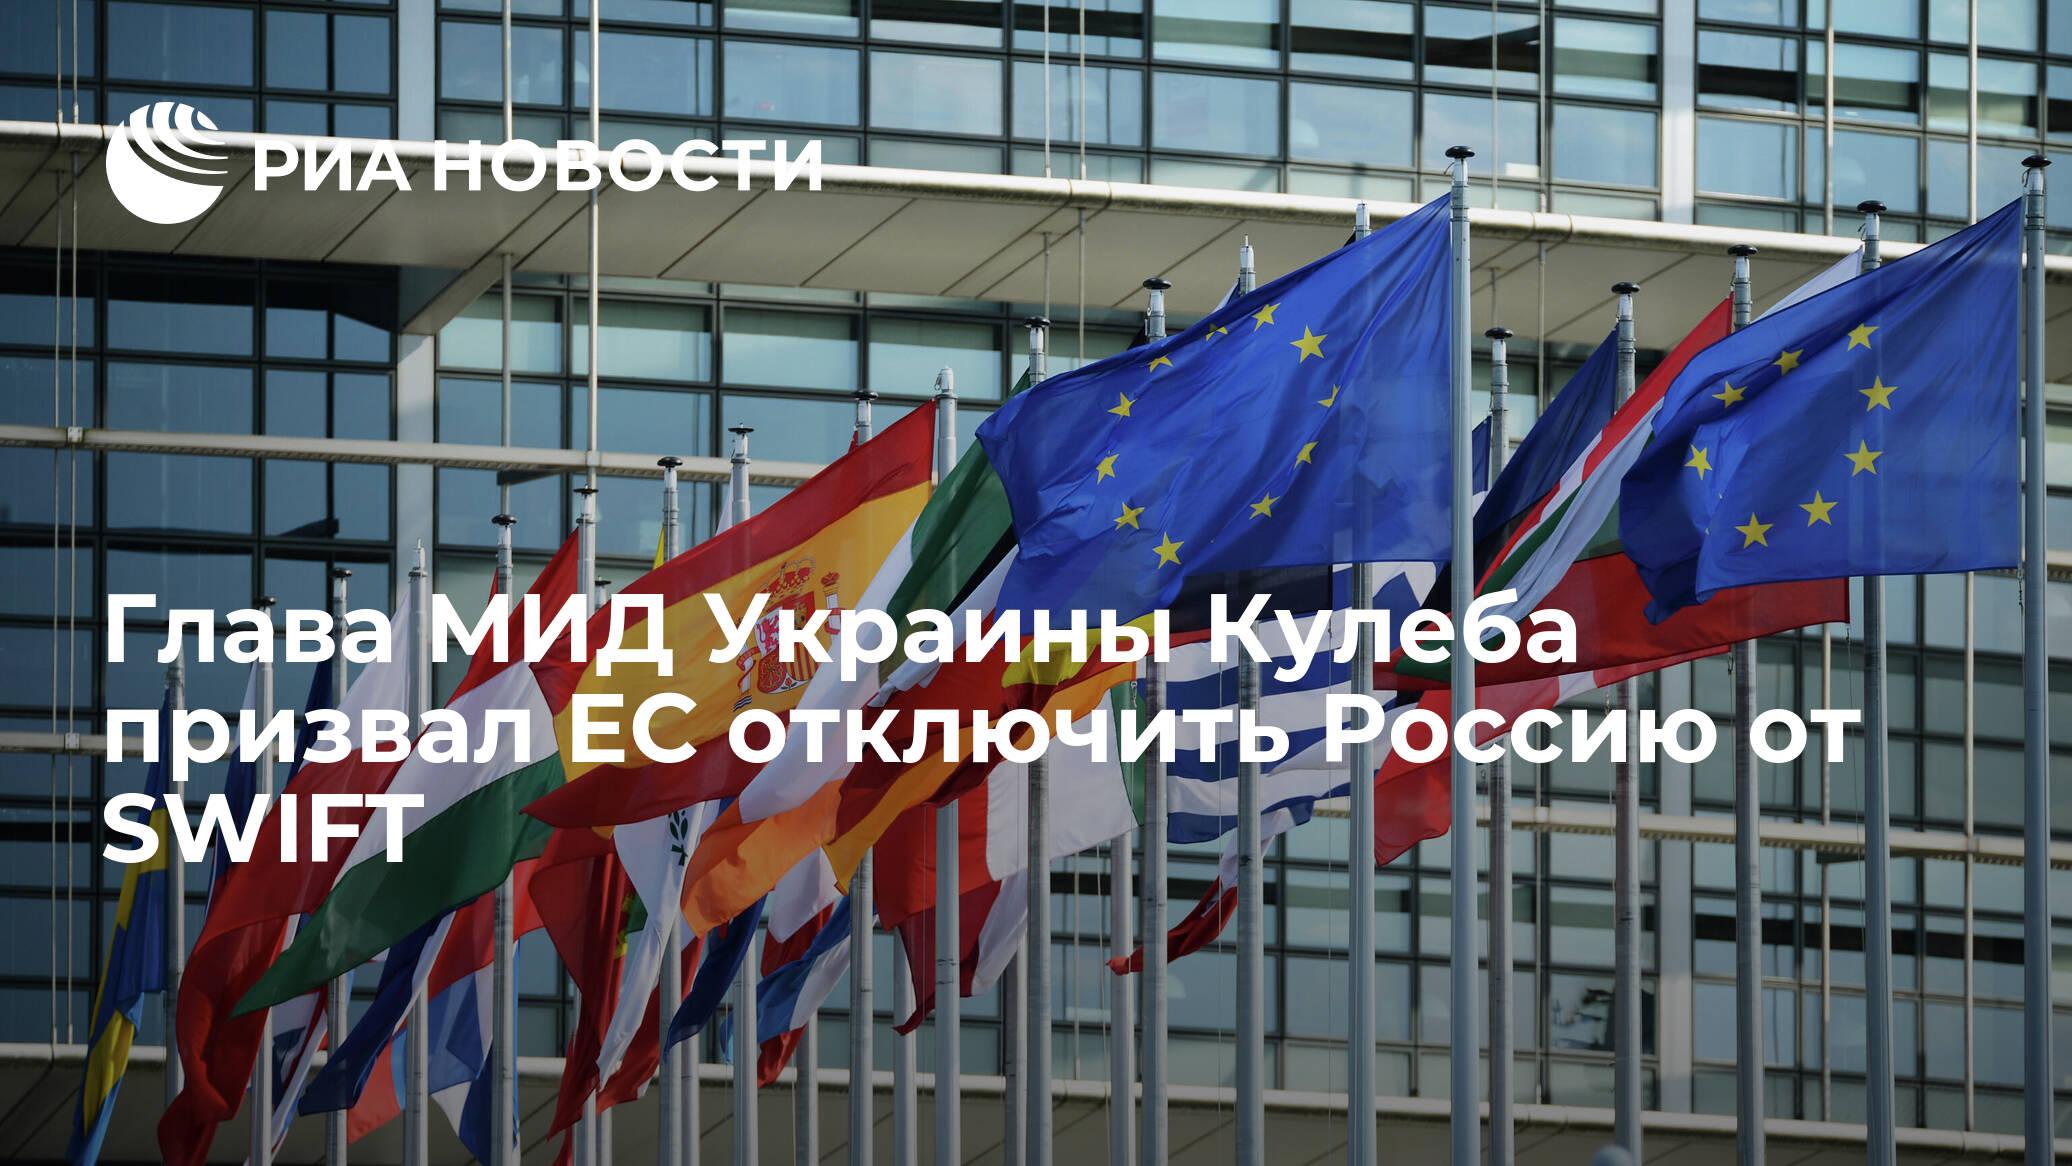 Глава МИД Украины Кулеба призвал ЕС отключить Россию от SWIFT